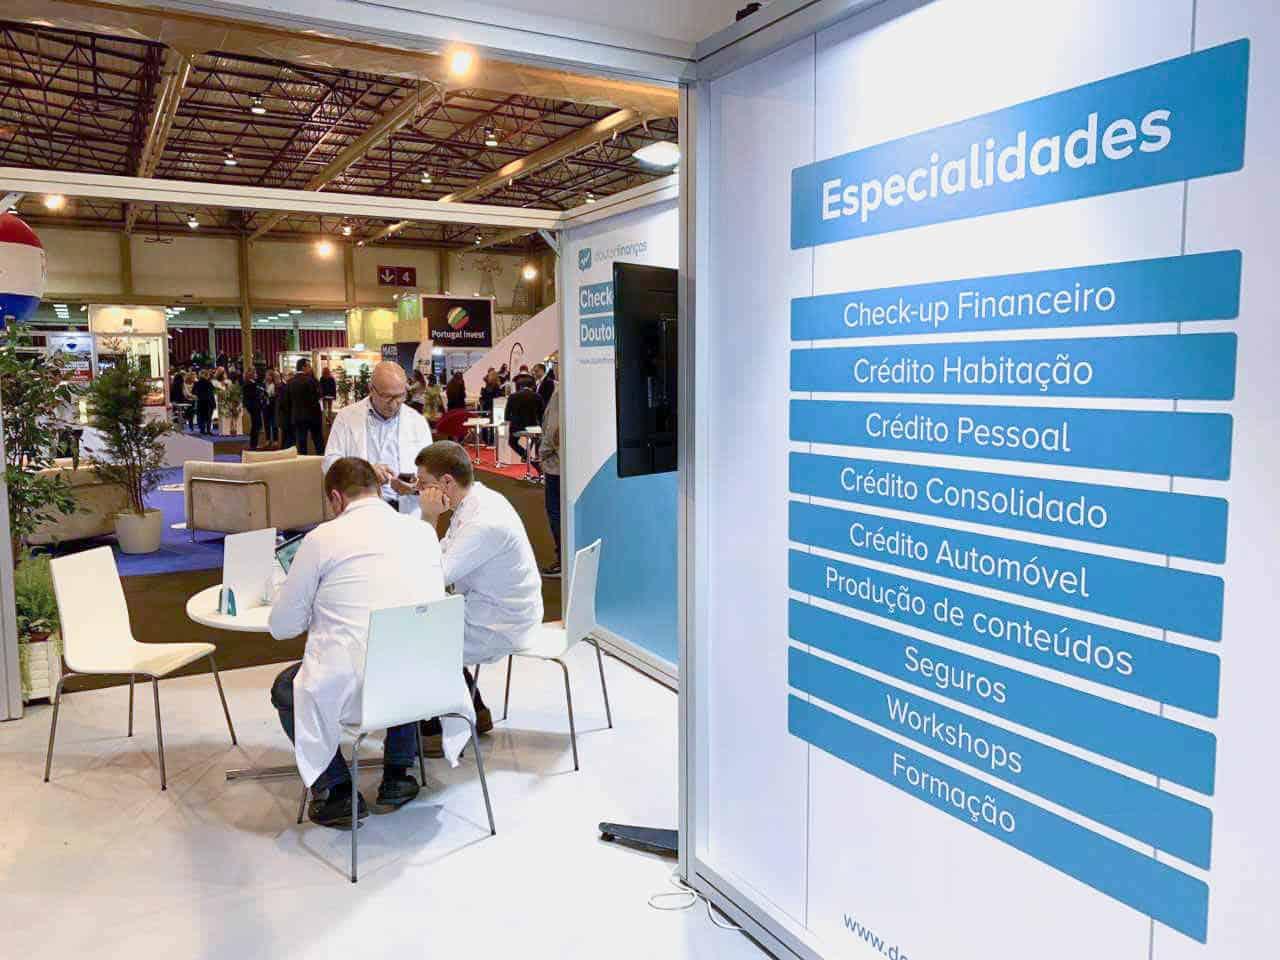 Doutor Finanças marcou presença na 2ª edição do Salão Imobiliário do Porto